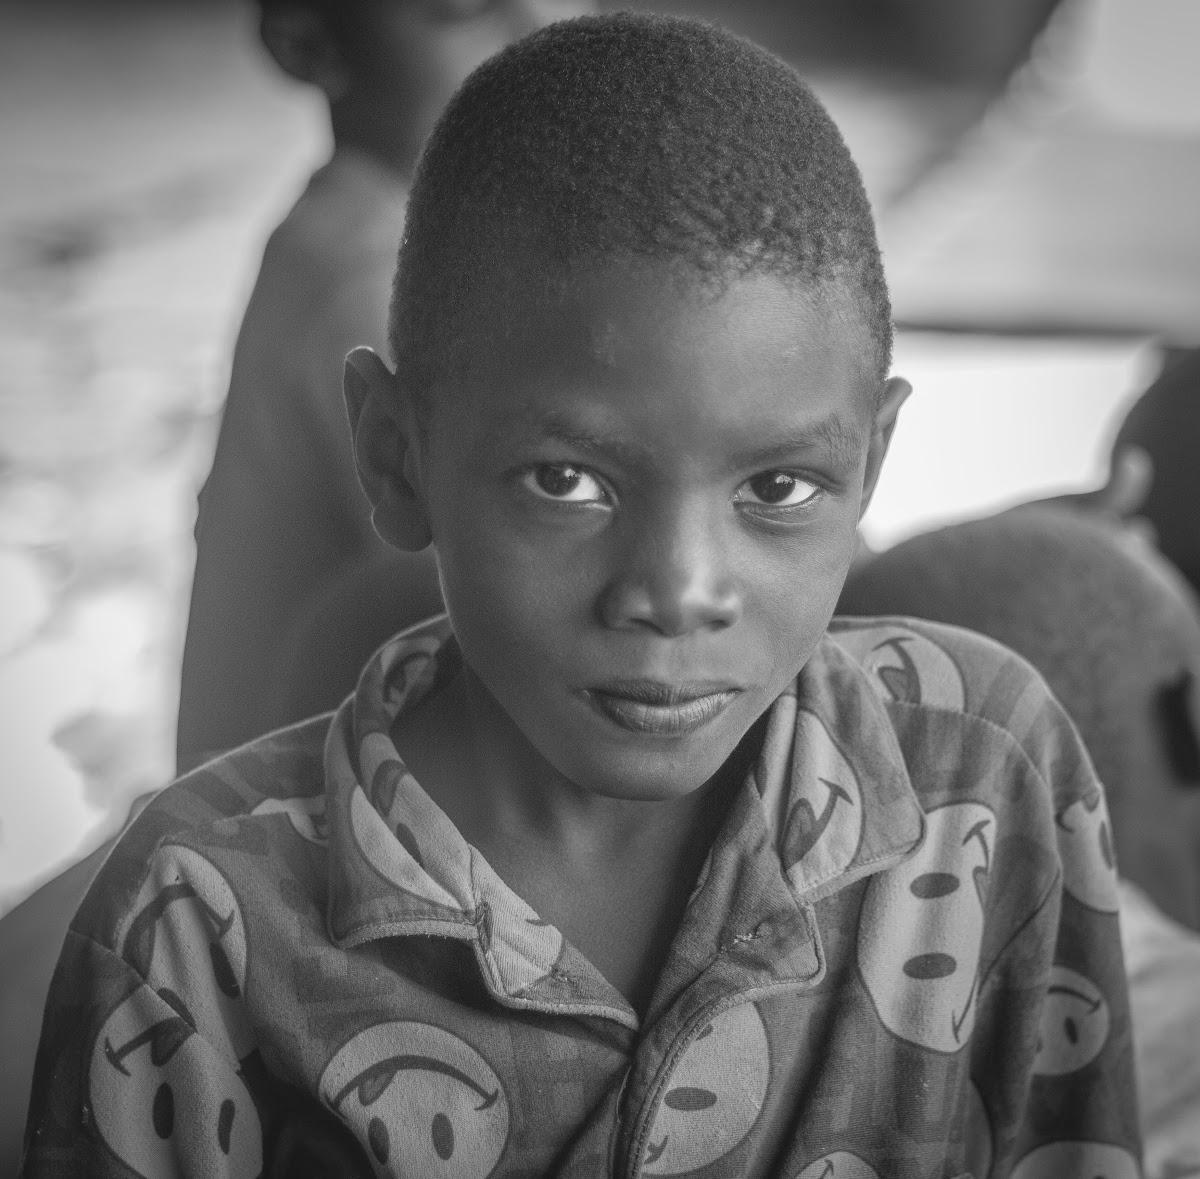 TanzaniaIMG_1400b.jpg